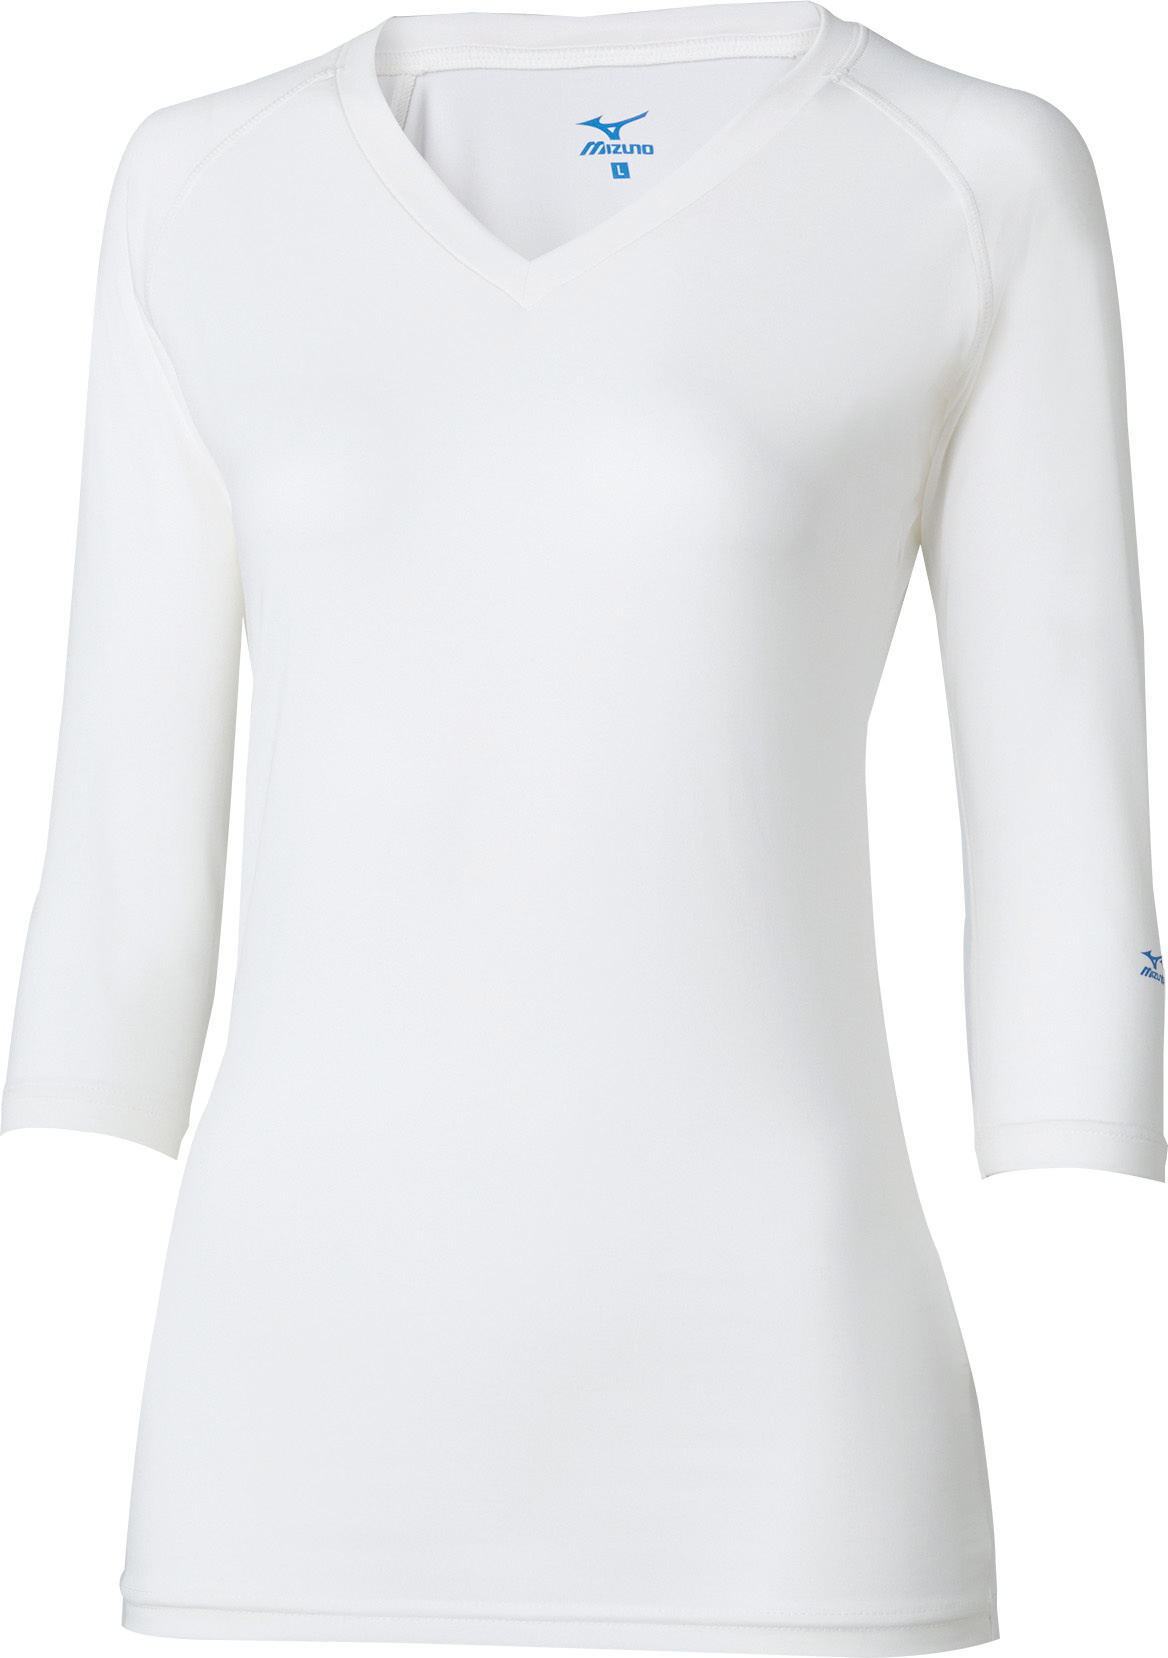 ミズノ アンダーウェア(レディース)販売。刺繍、プリント加工対応します。研修医、医療チームウェアに人気